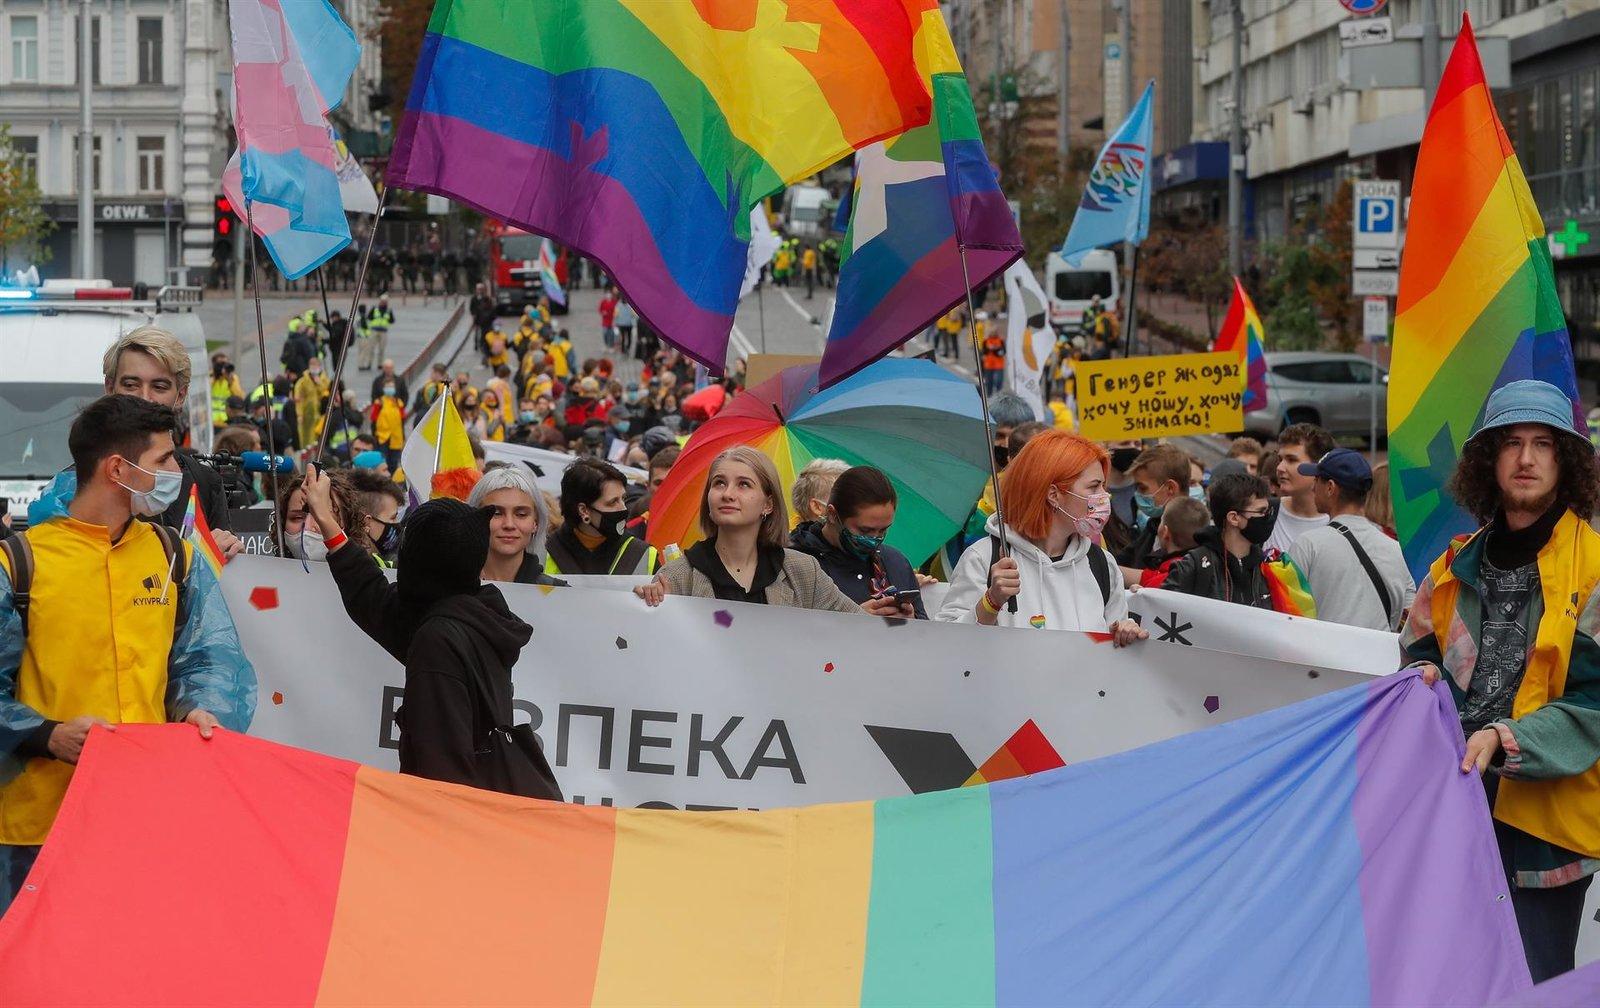 Unas 7,000 personas LGBT marchan en Kiev por la igualdad de derechos